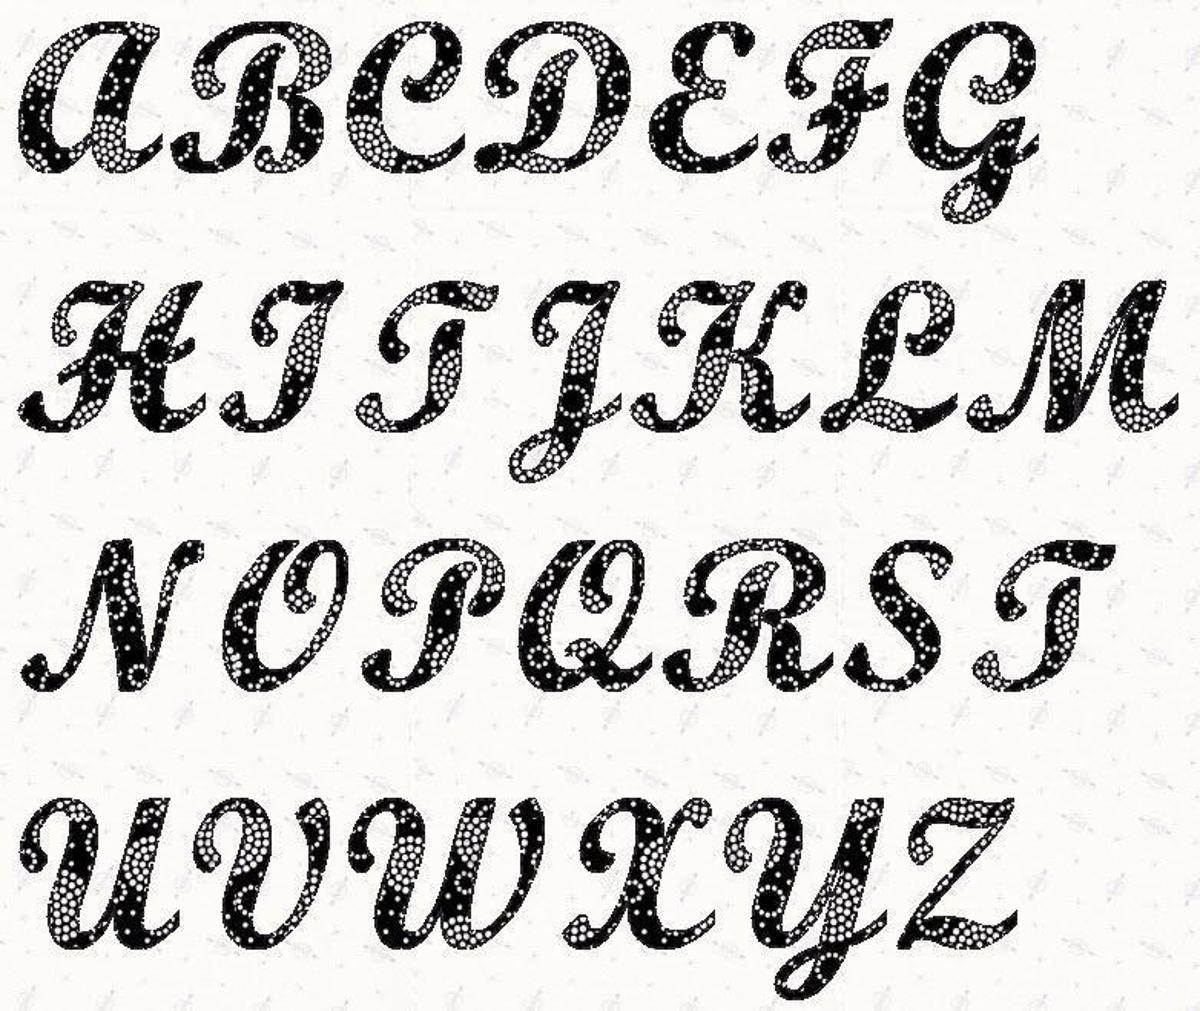 4 Inch Letter Stencil